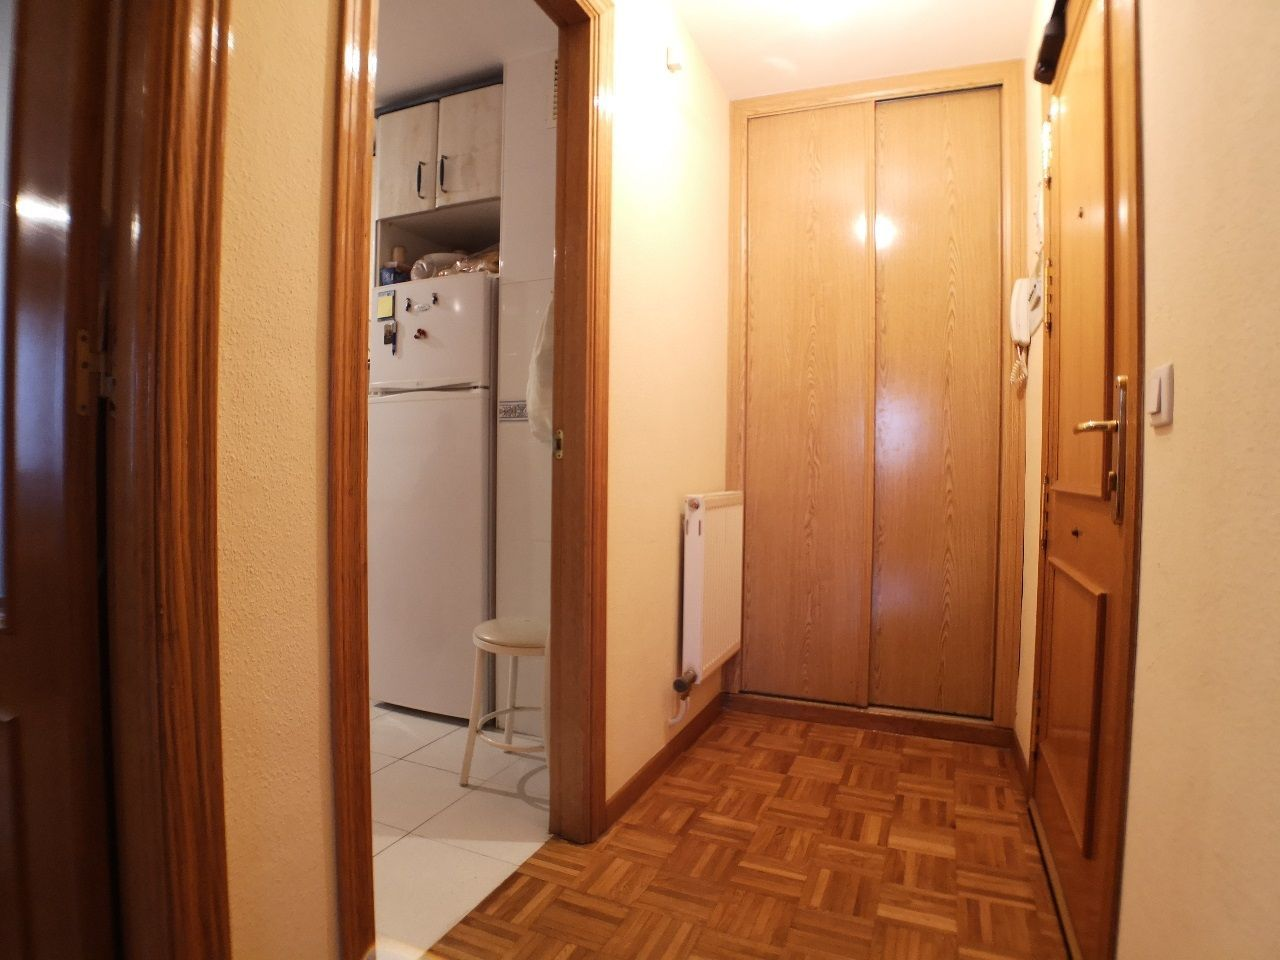 dia.mobiliagestion.es/Portals/inmoatrio/Images/6384/3854527